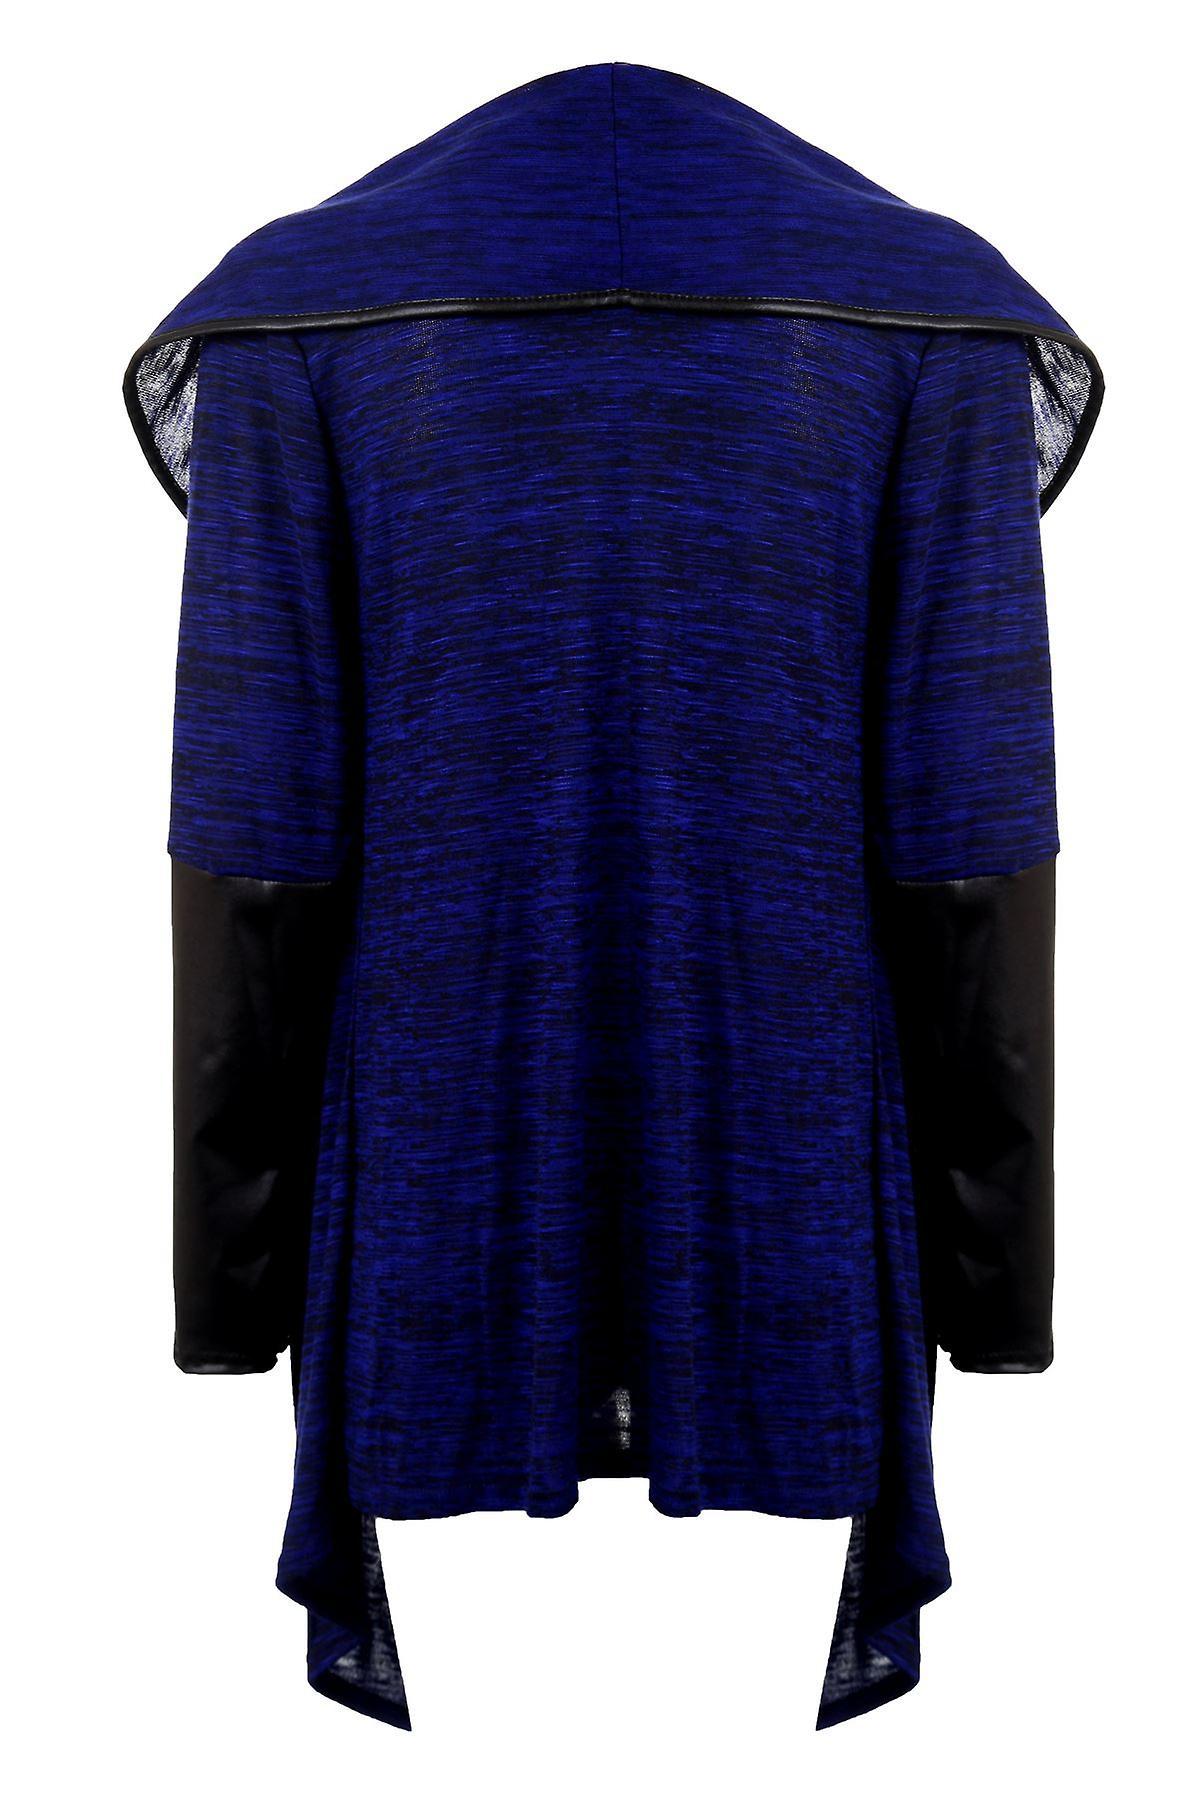 Ladies Wet Look Long Sleeve Multi Textured Plain Women's Waterfall Cardigan